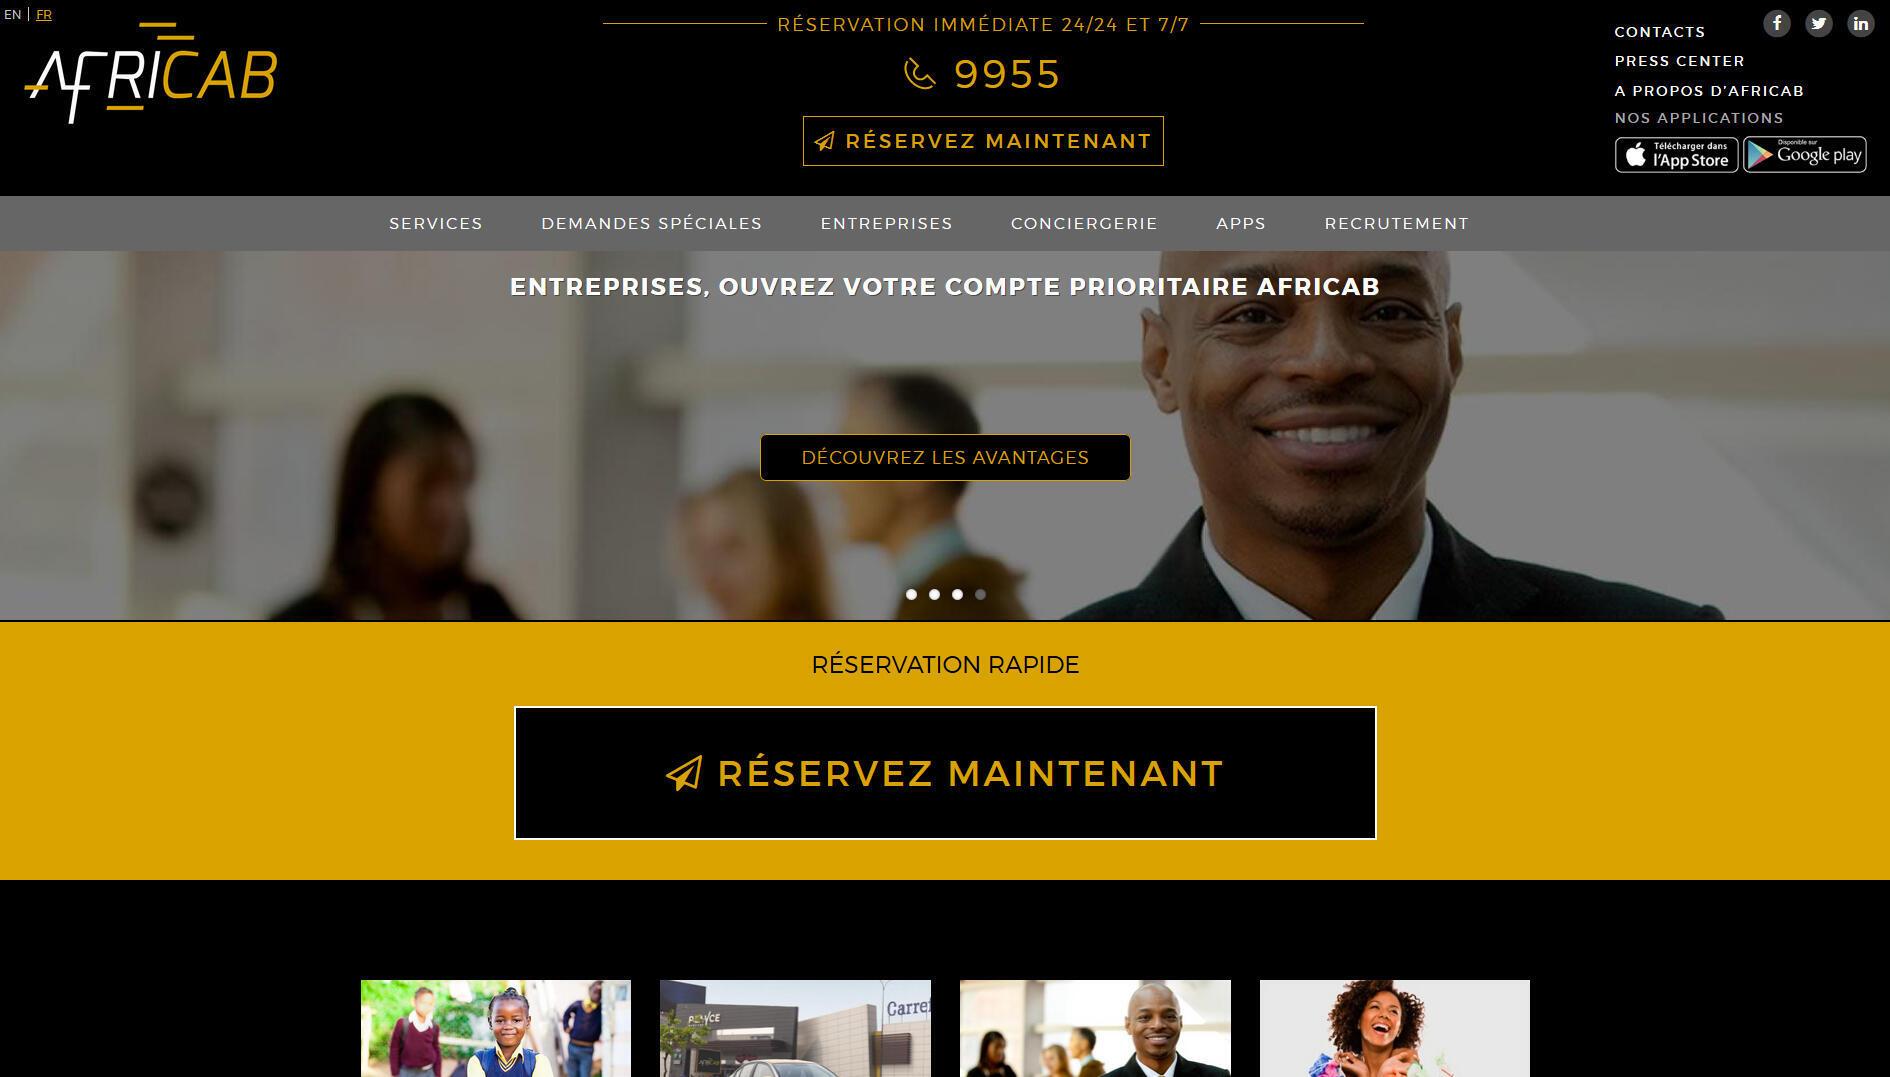 La page d'accueil d'Afri-cab